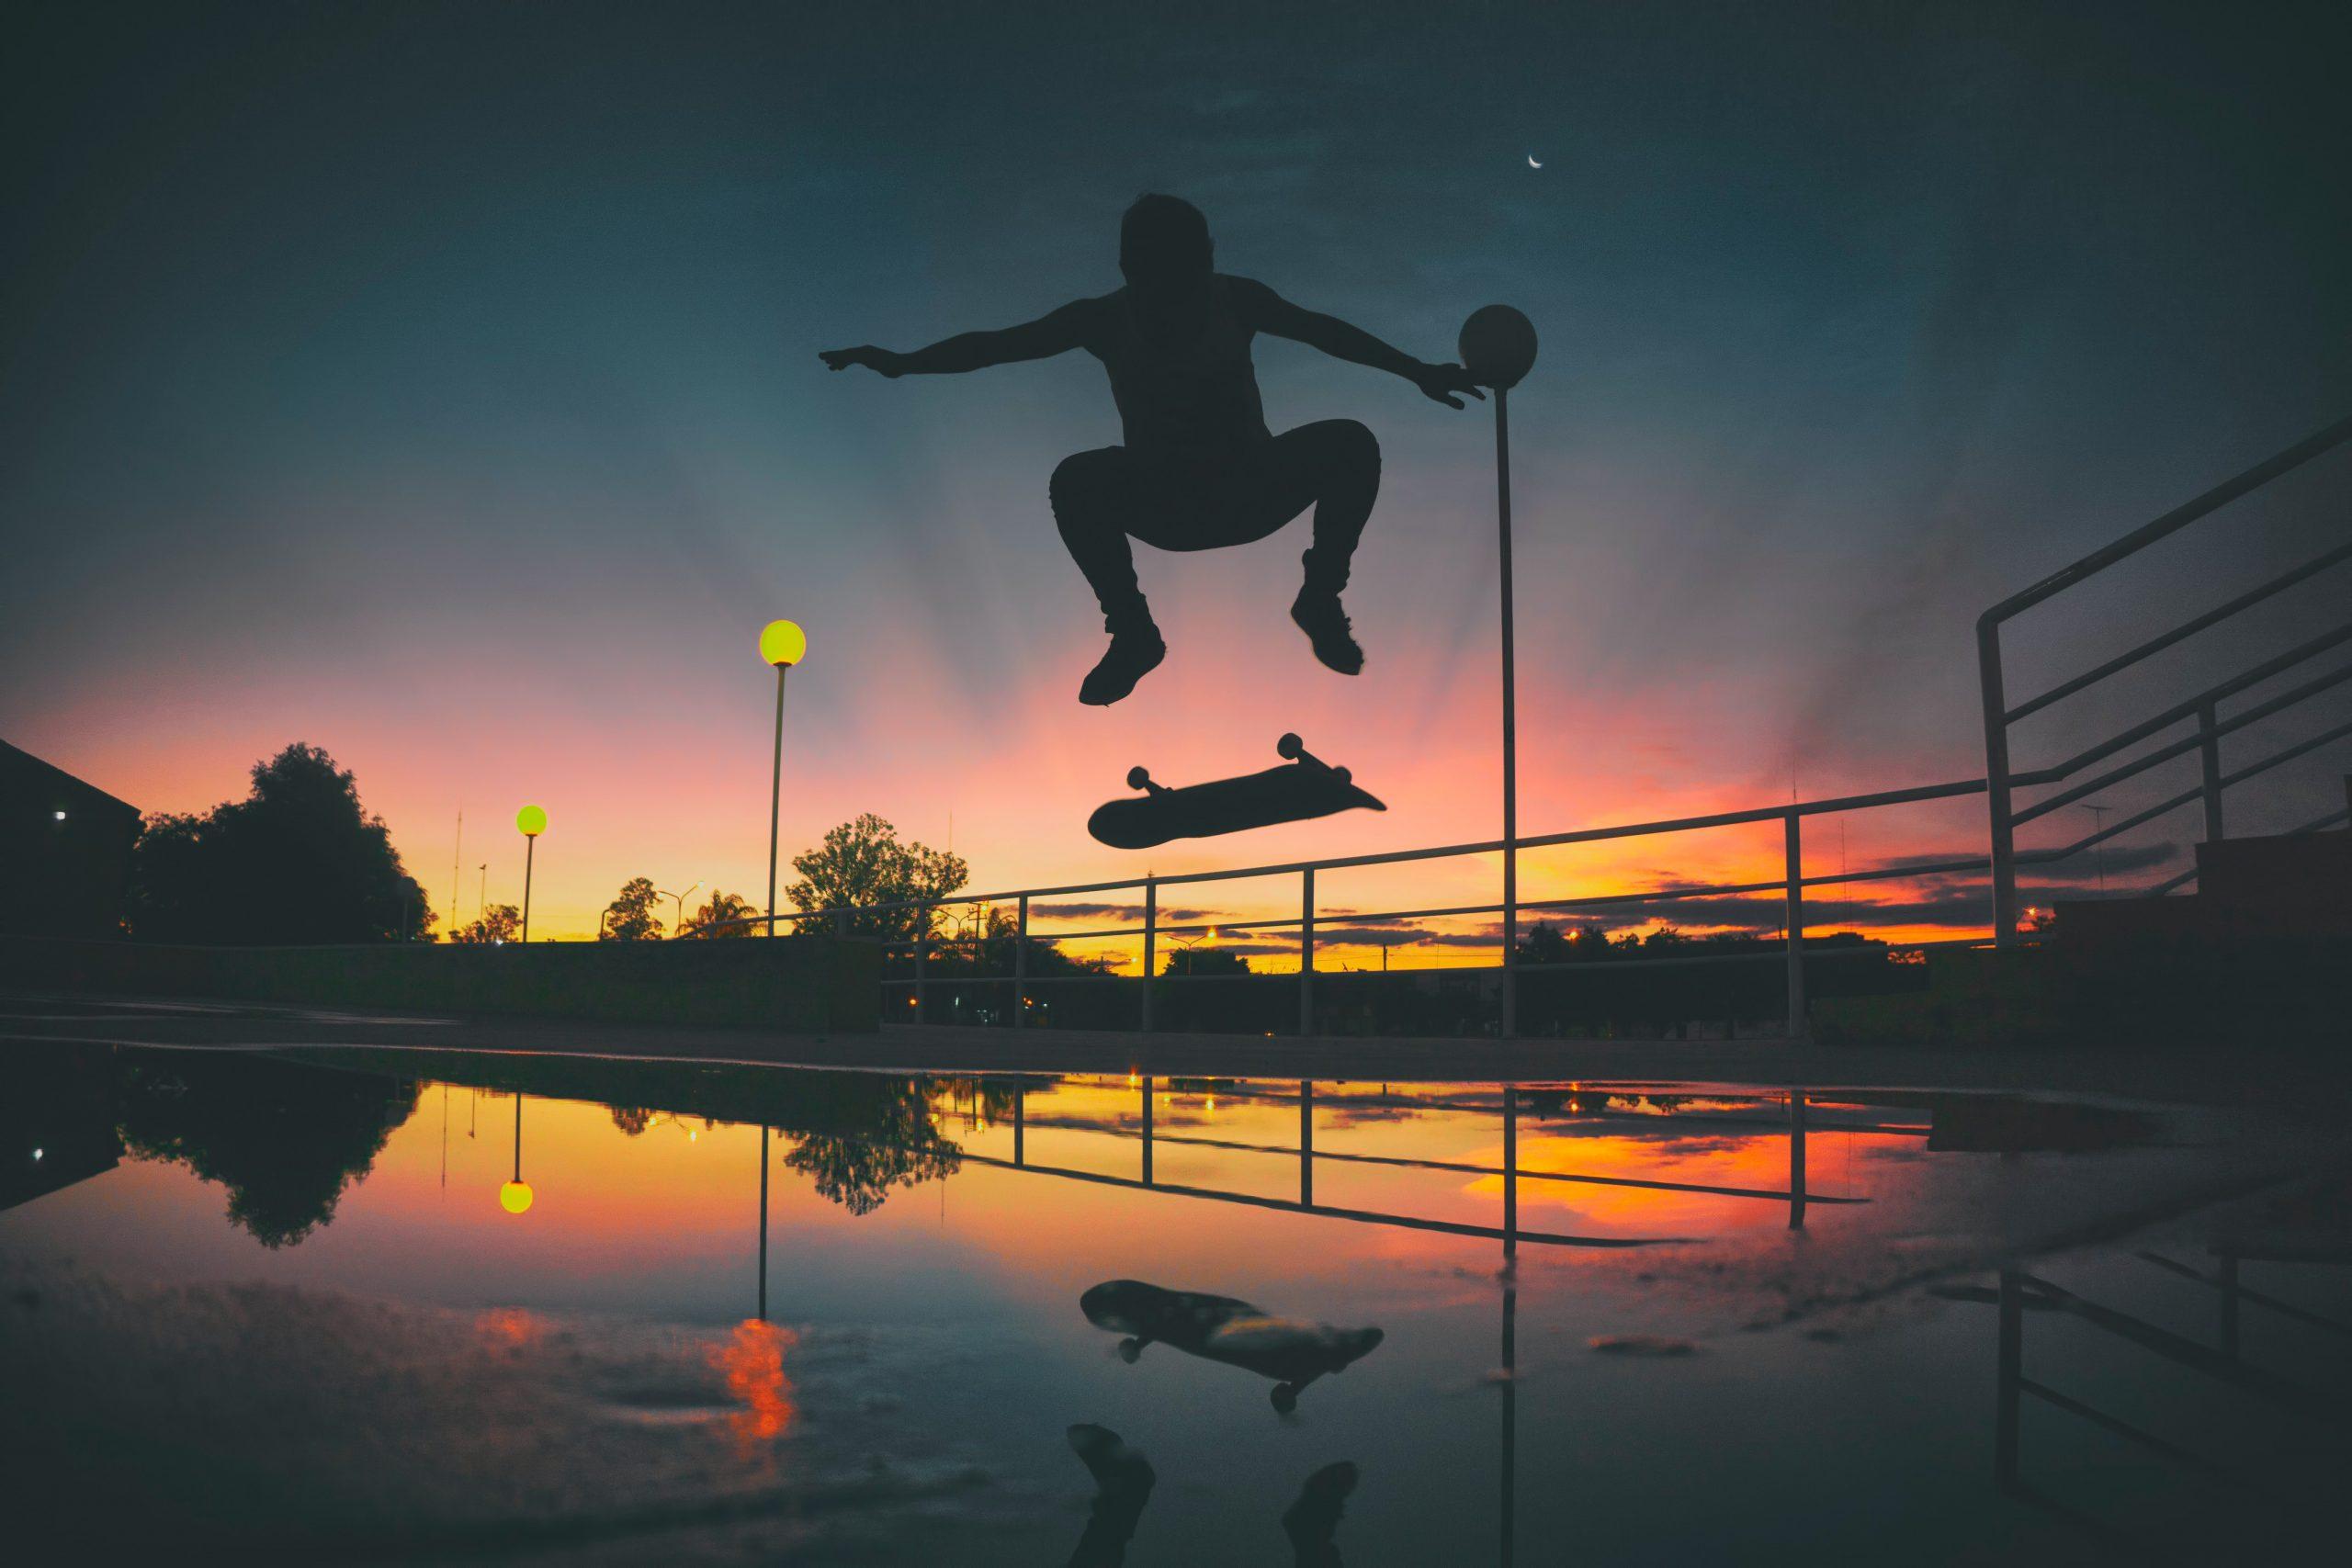 ¿Cuál es el mejor juego de skate?: Tony Hawk Pro Skater 1+2, ¿ya lo probaste?